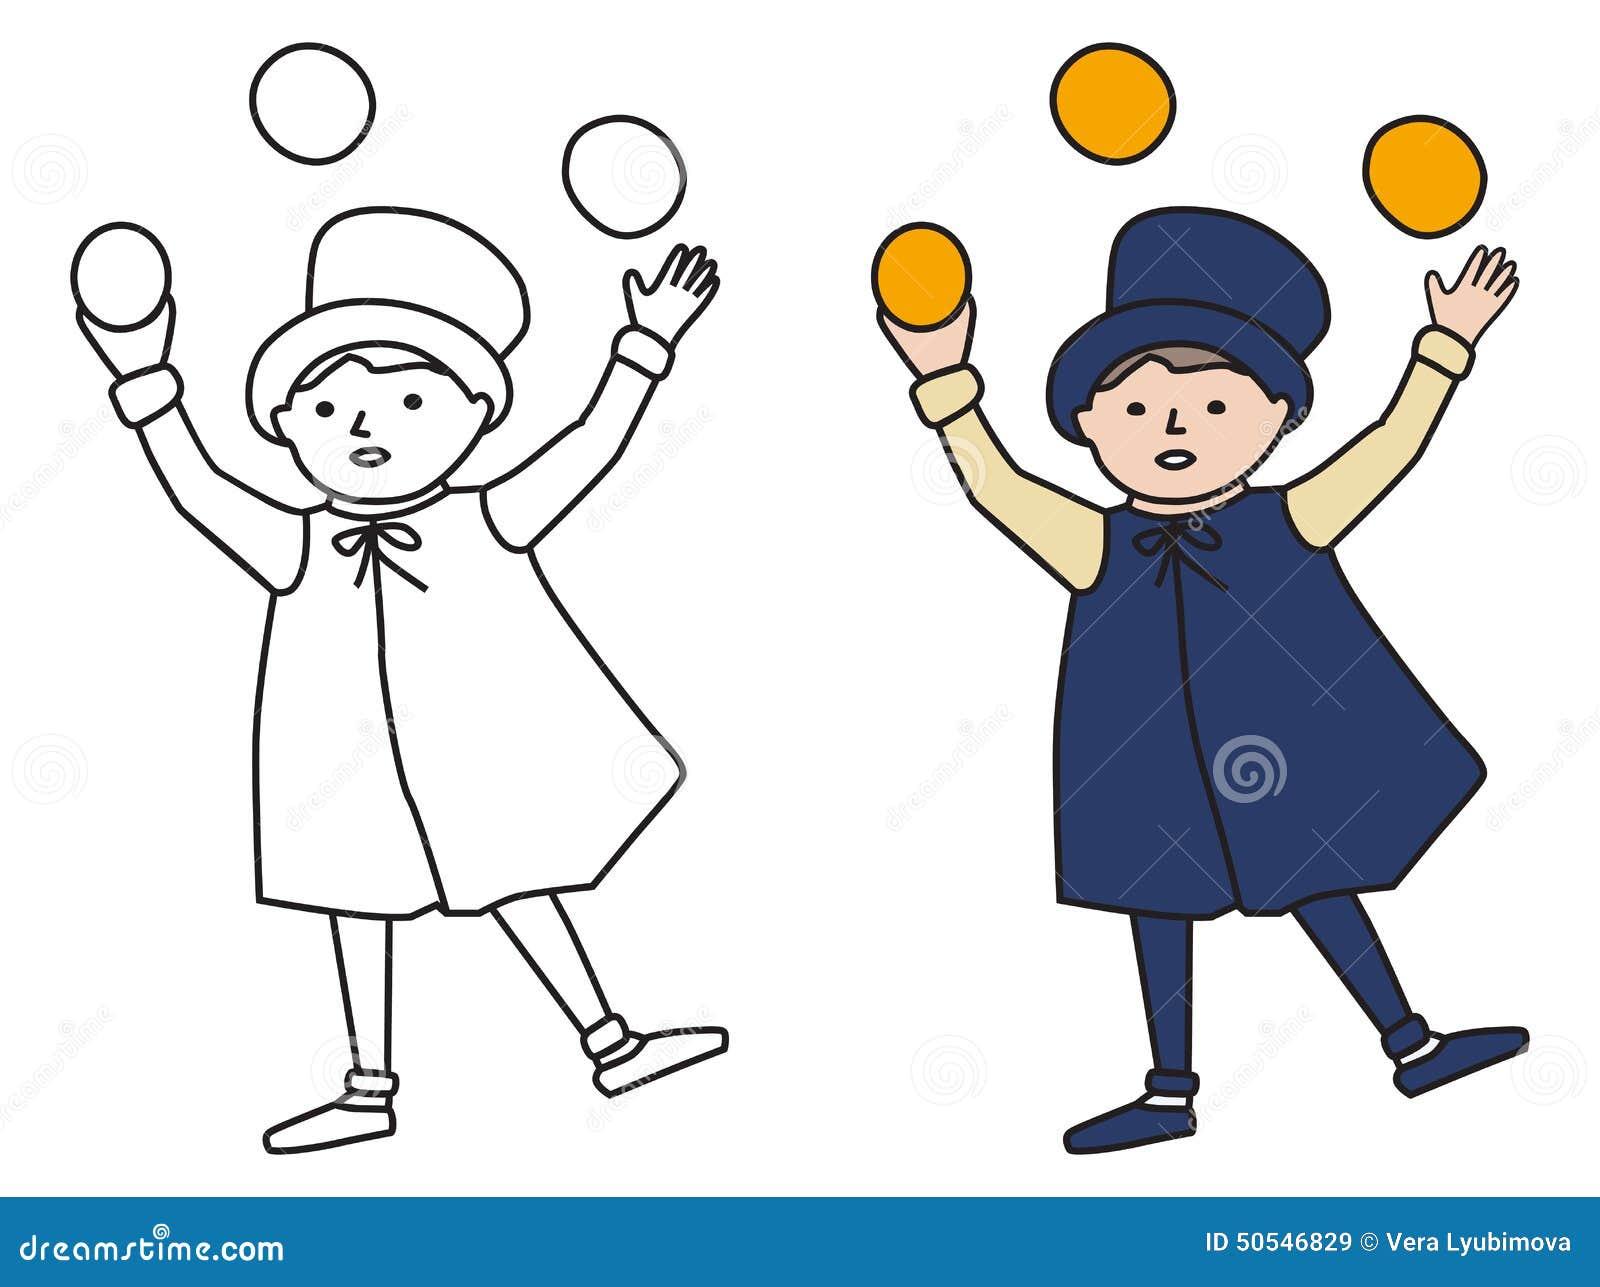 График Cartooned мальчика Juggler с шаблоном